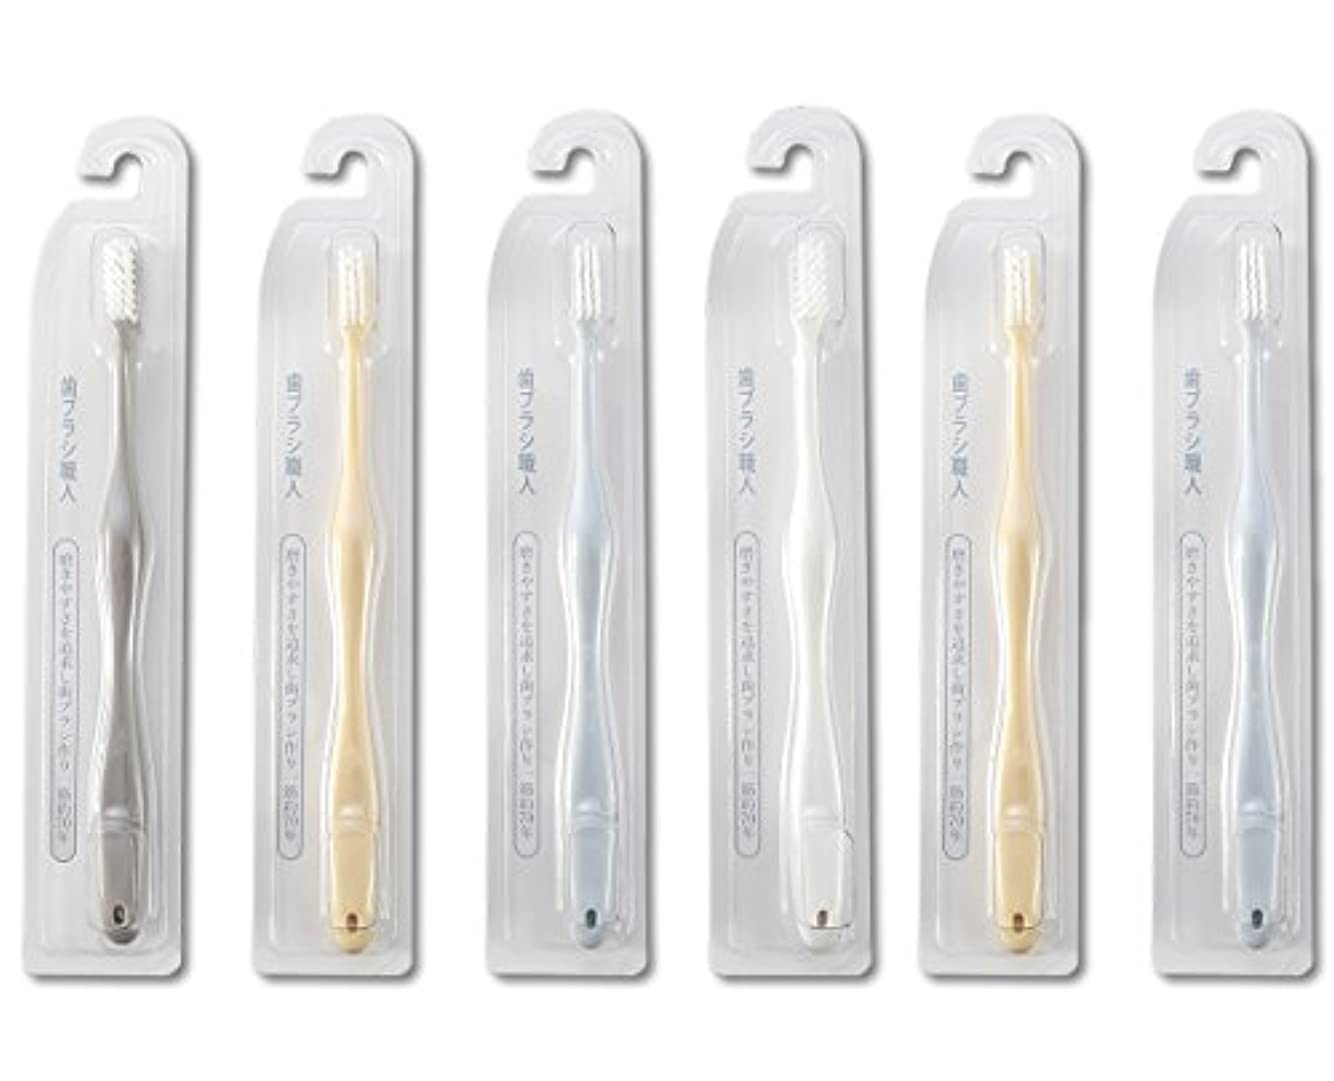 監督する過度にレンジ歯ブラシ職人Artooth ®田辺重吉 磨きやすい歯ブラシ 極 AT-09 (6本組)